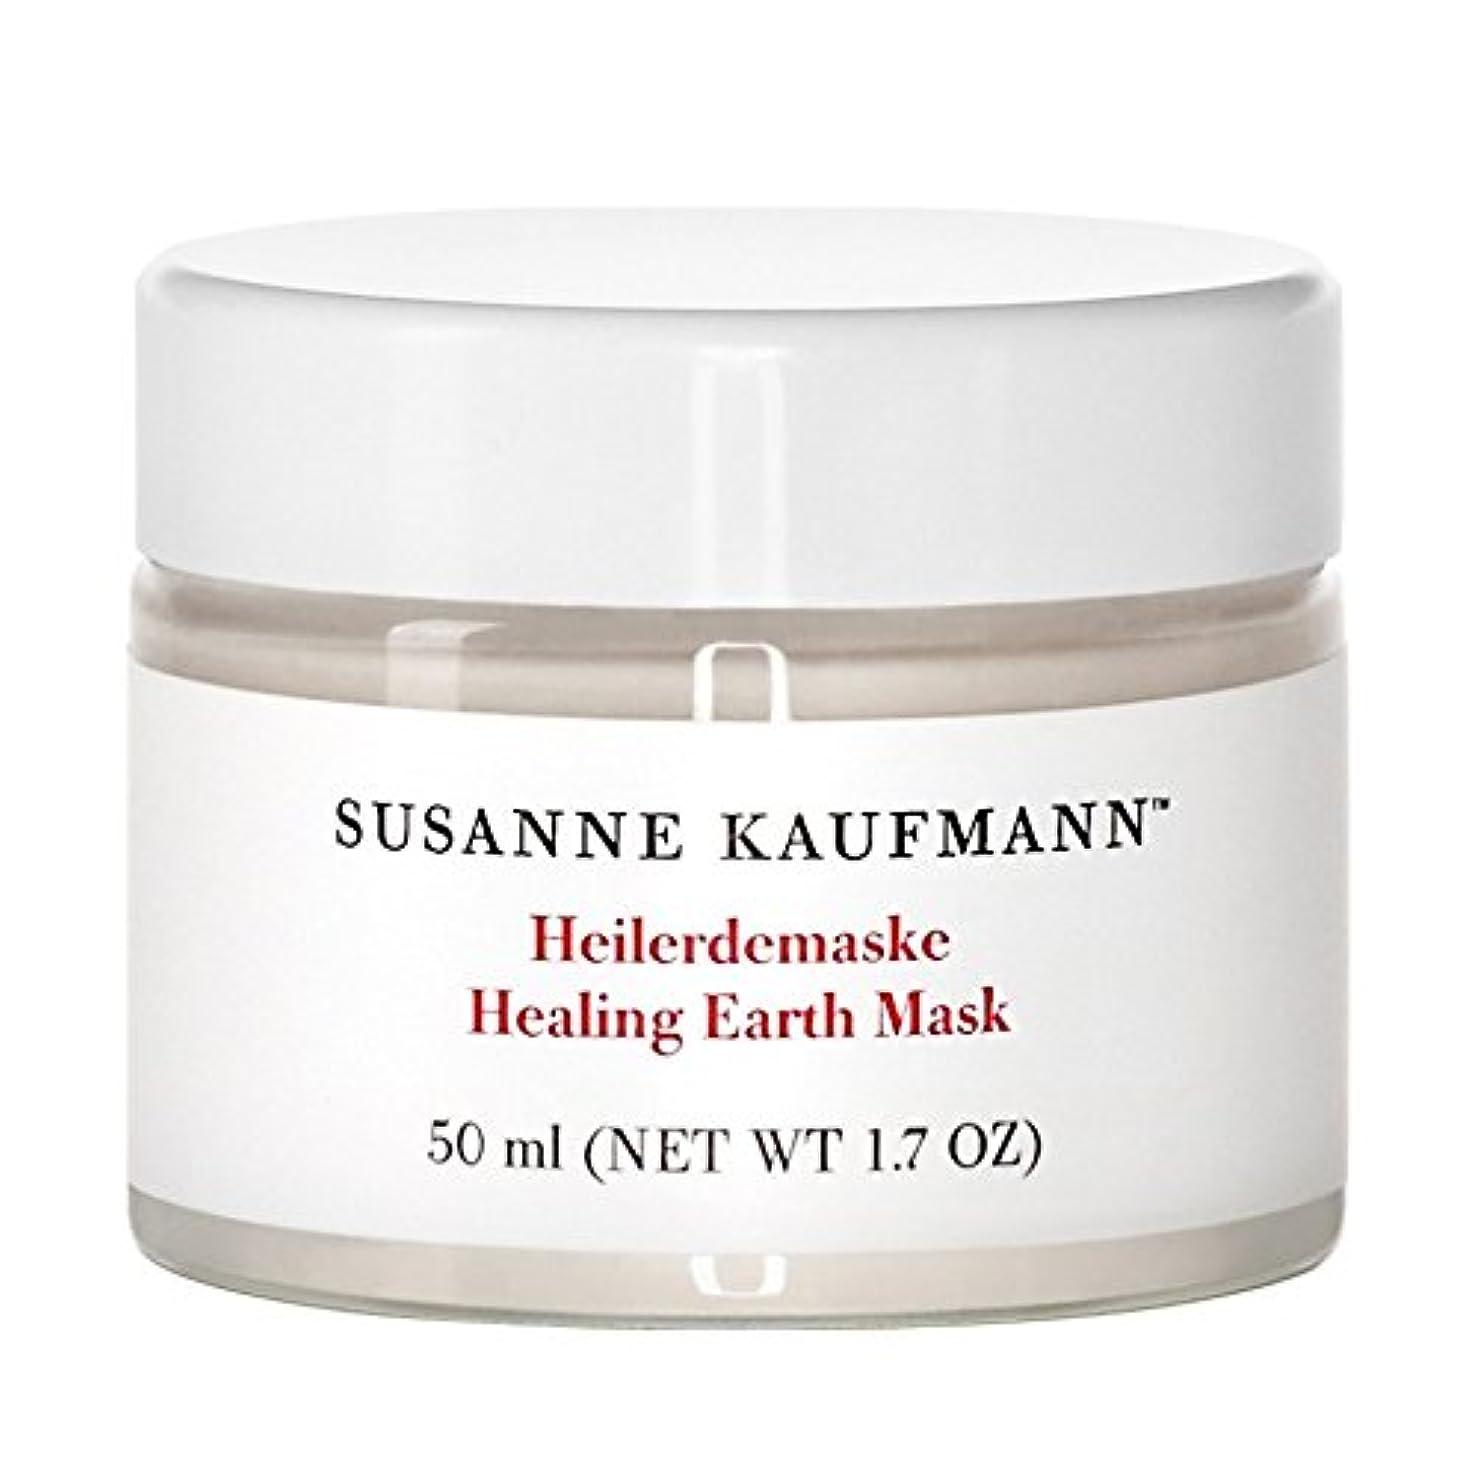 形状テニス天窓Susanne Kaufmann Healing Earth Mask 50ml - スザンヌカウフマン癒しの地球マスク50ミリリットル [並行輸入品]